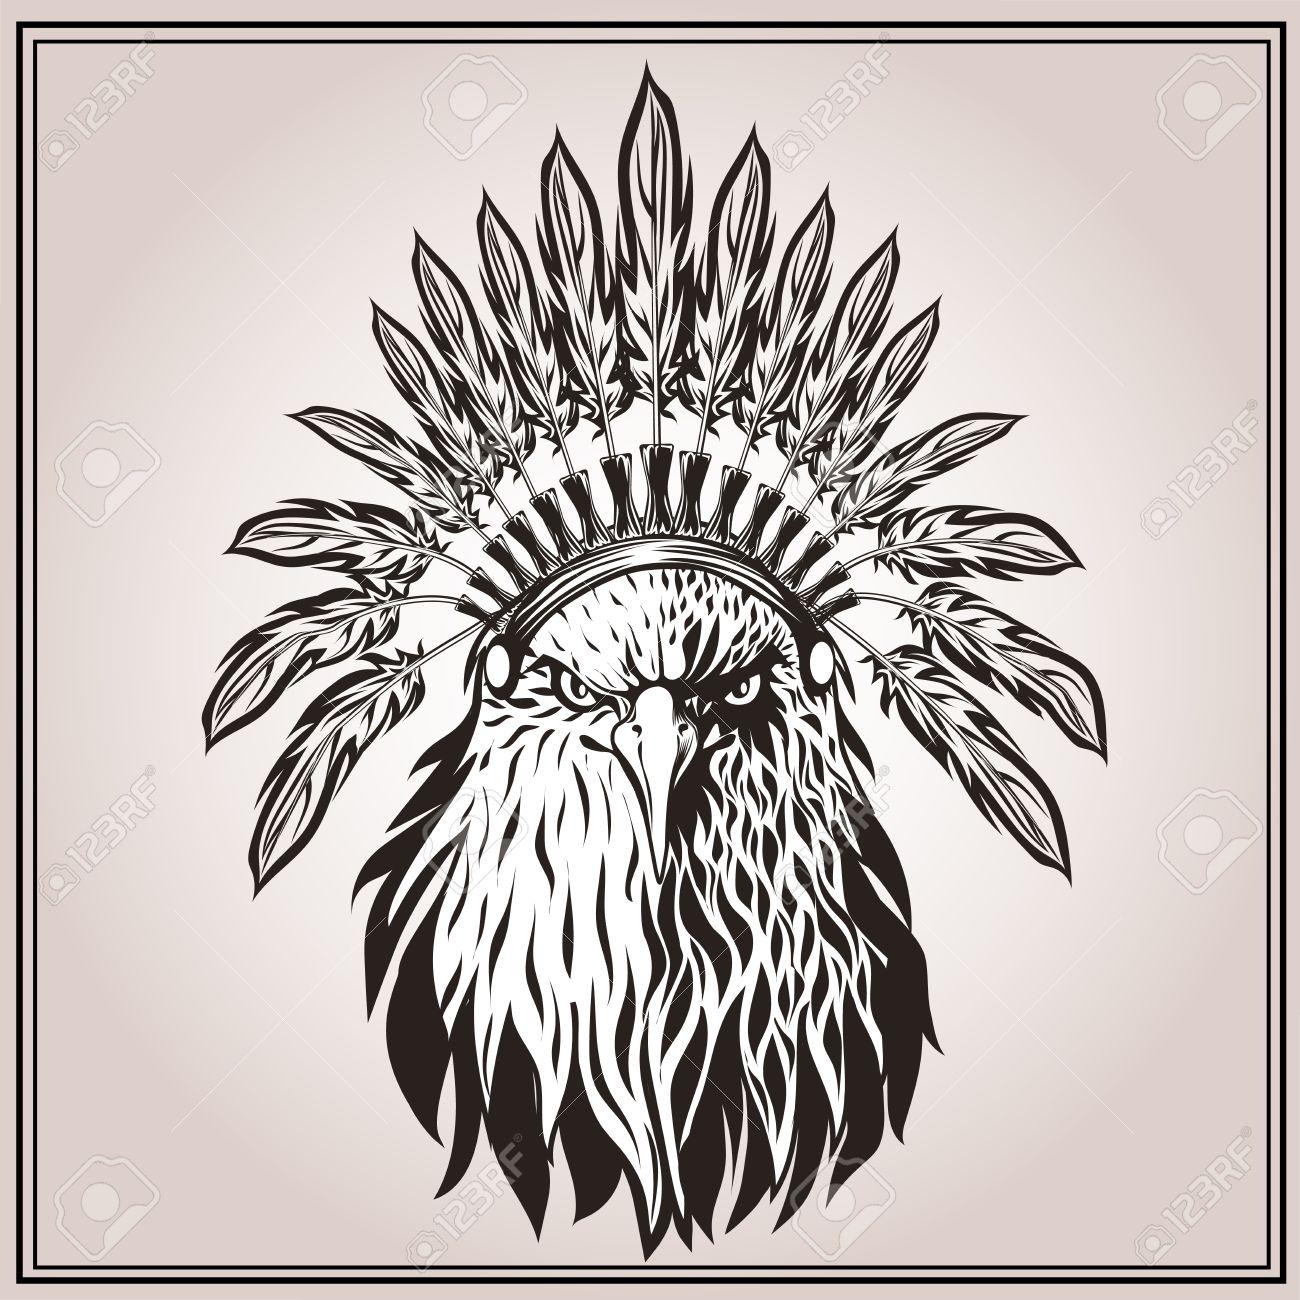 American Eagle En El Tocado Indio étnico Con Plumas. En El Estilo ...